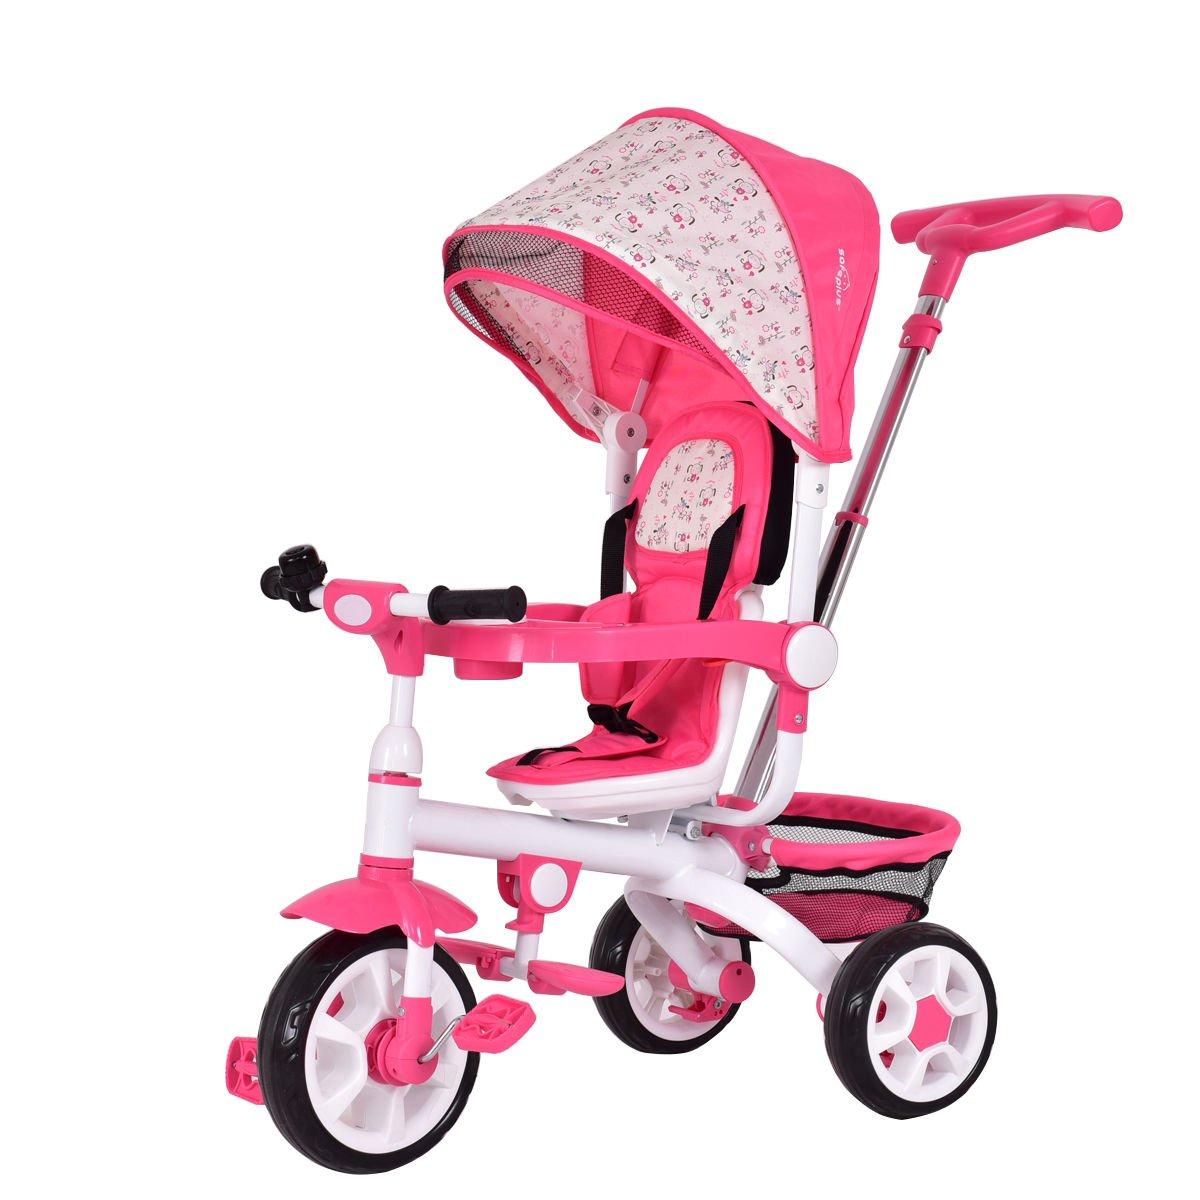 Costzon 4-in-1 Kids Tricycle Steer Stroller Toy Bike w/Canopy Basket (Pink)